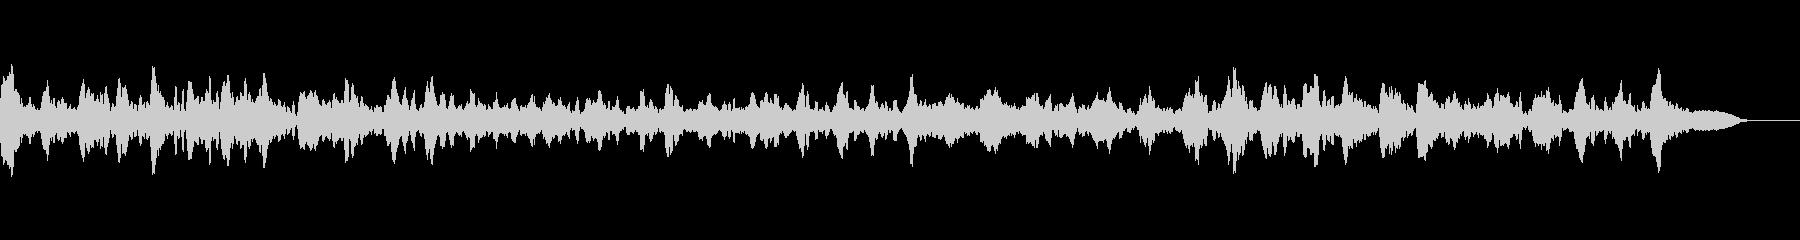 有名なバッハのチェロソロのクラシック音楽の未再生の波形